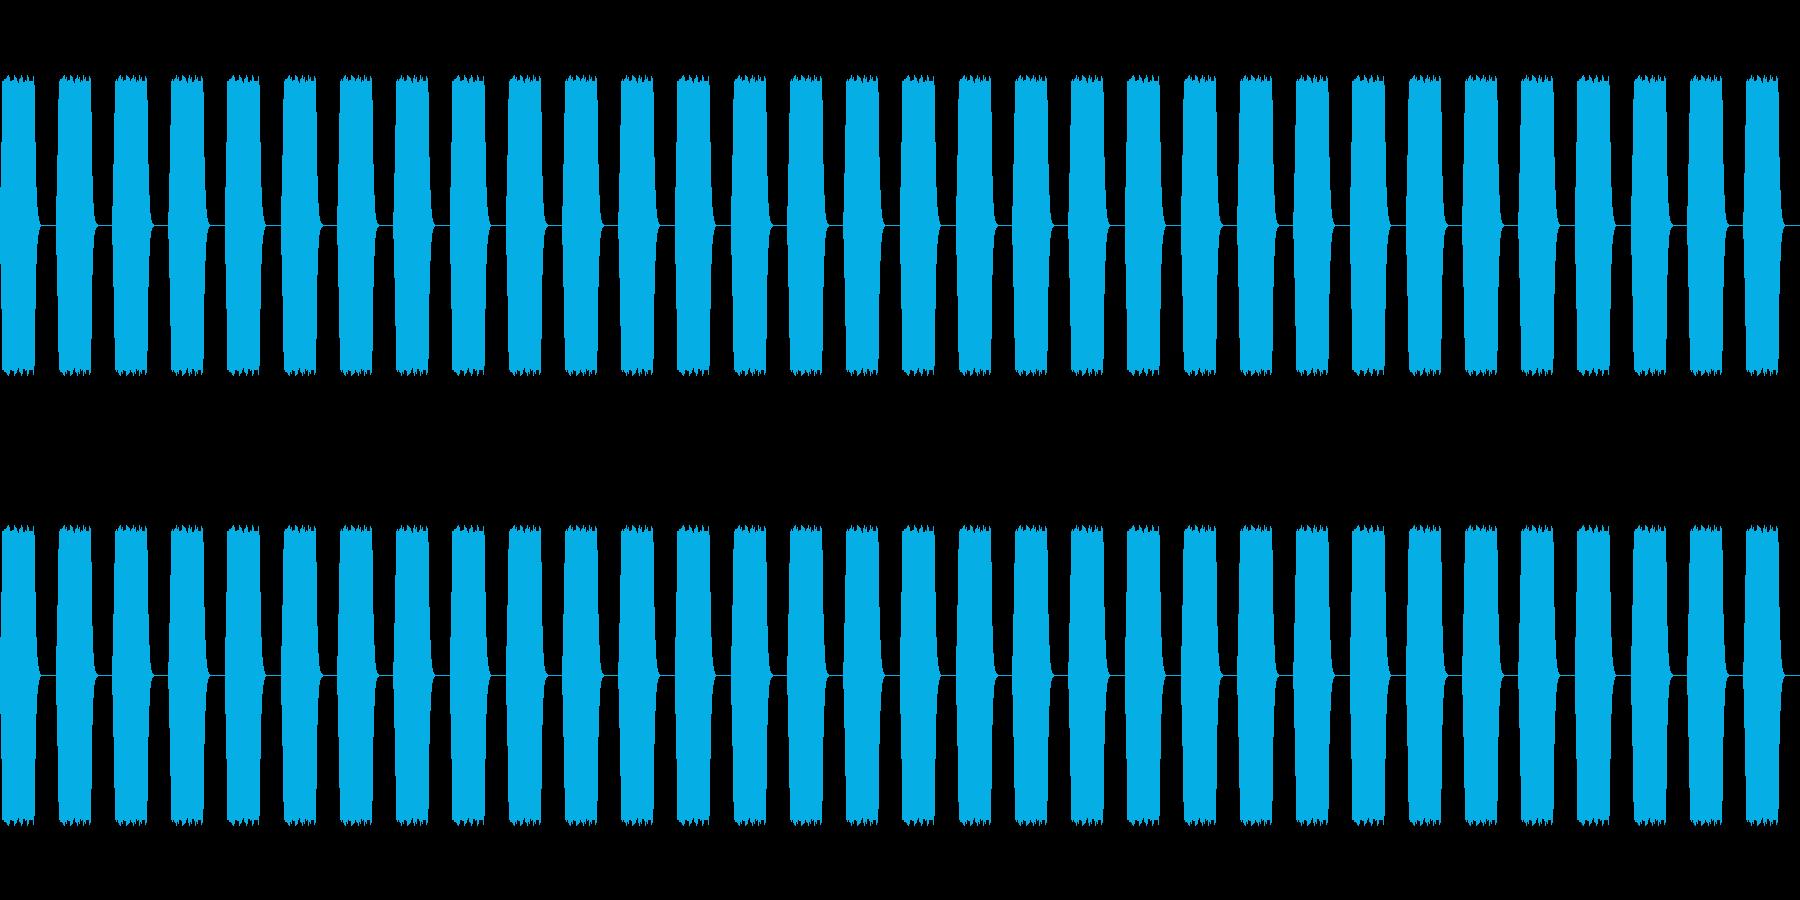 ピピピ:ステータス加算の再生済みの波形